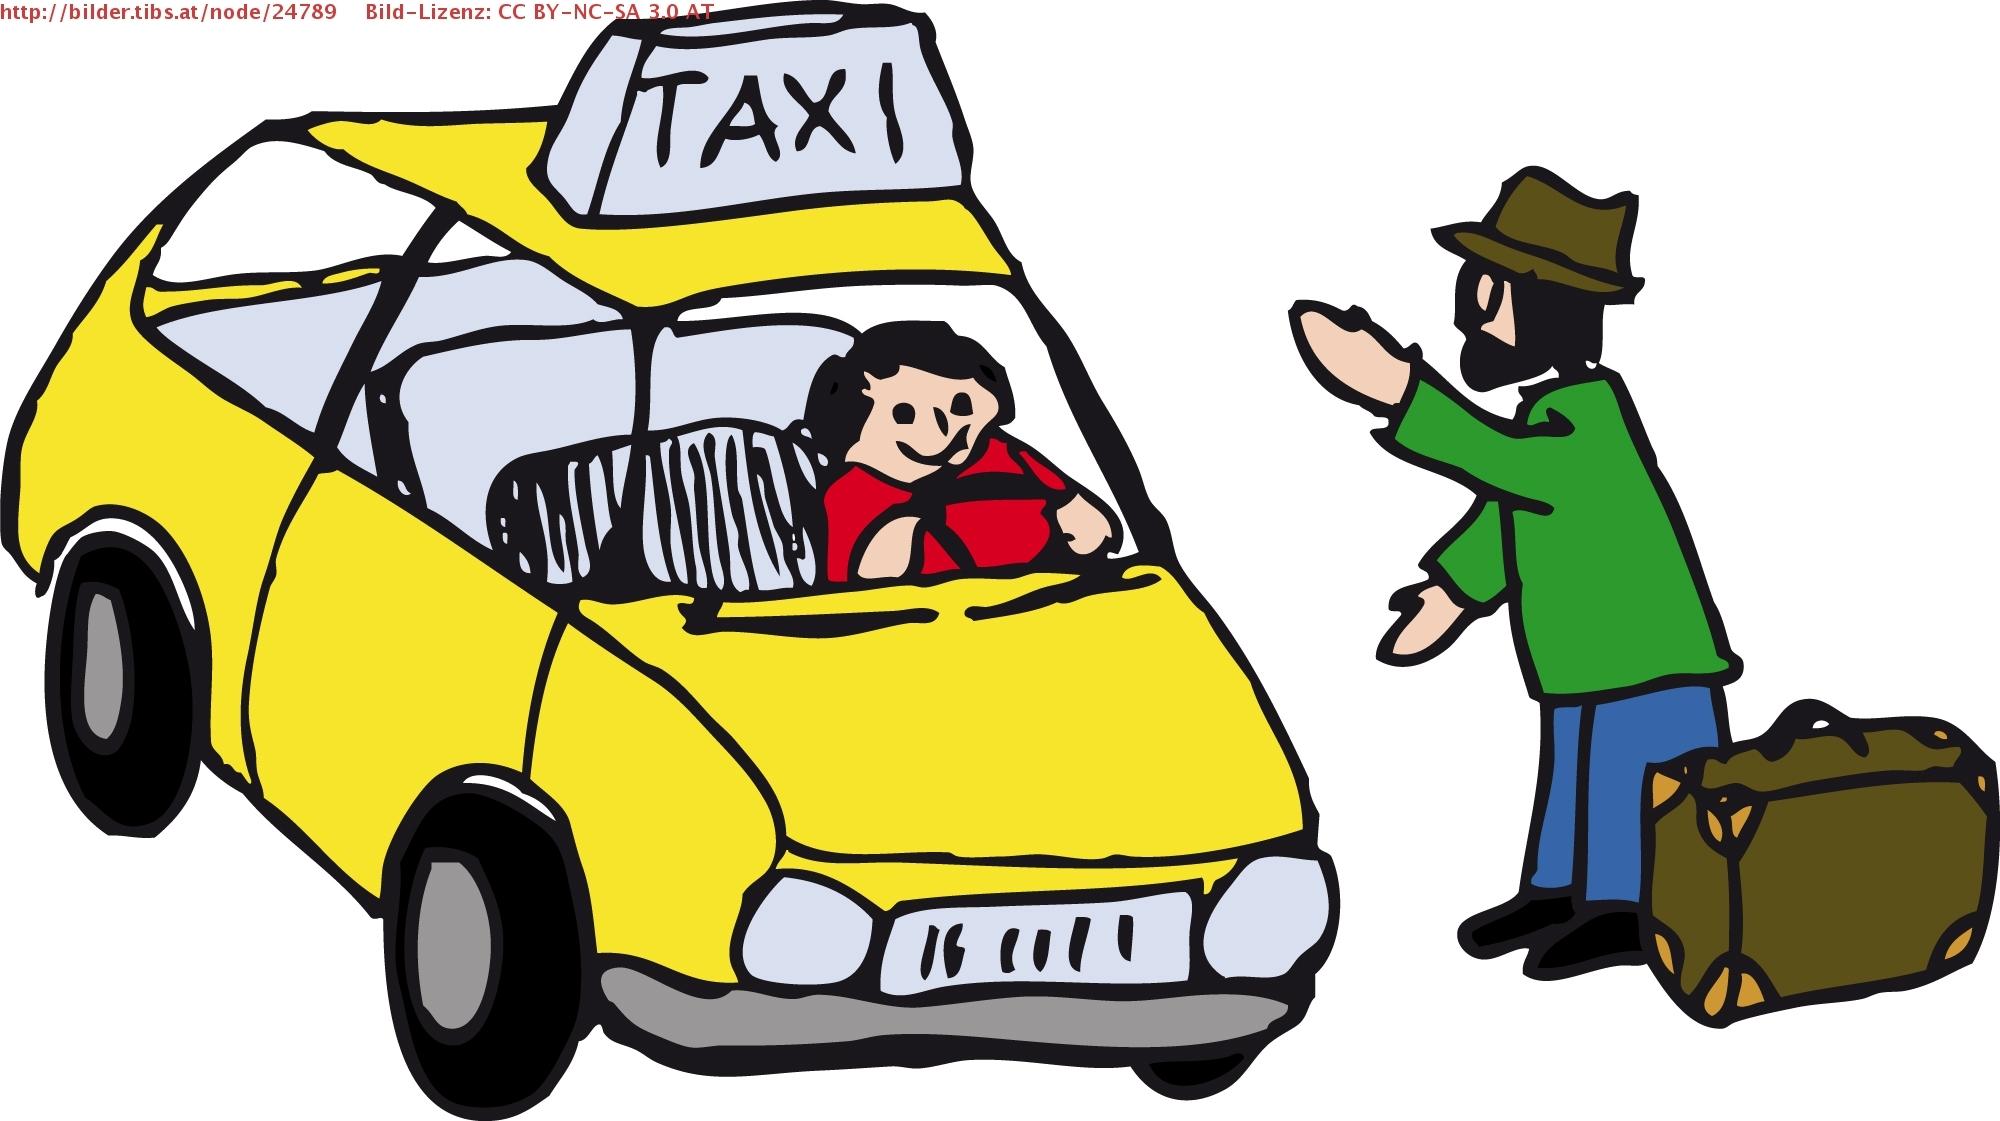 профессия такси картинки двухмесячного малыша она